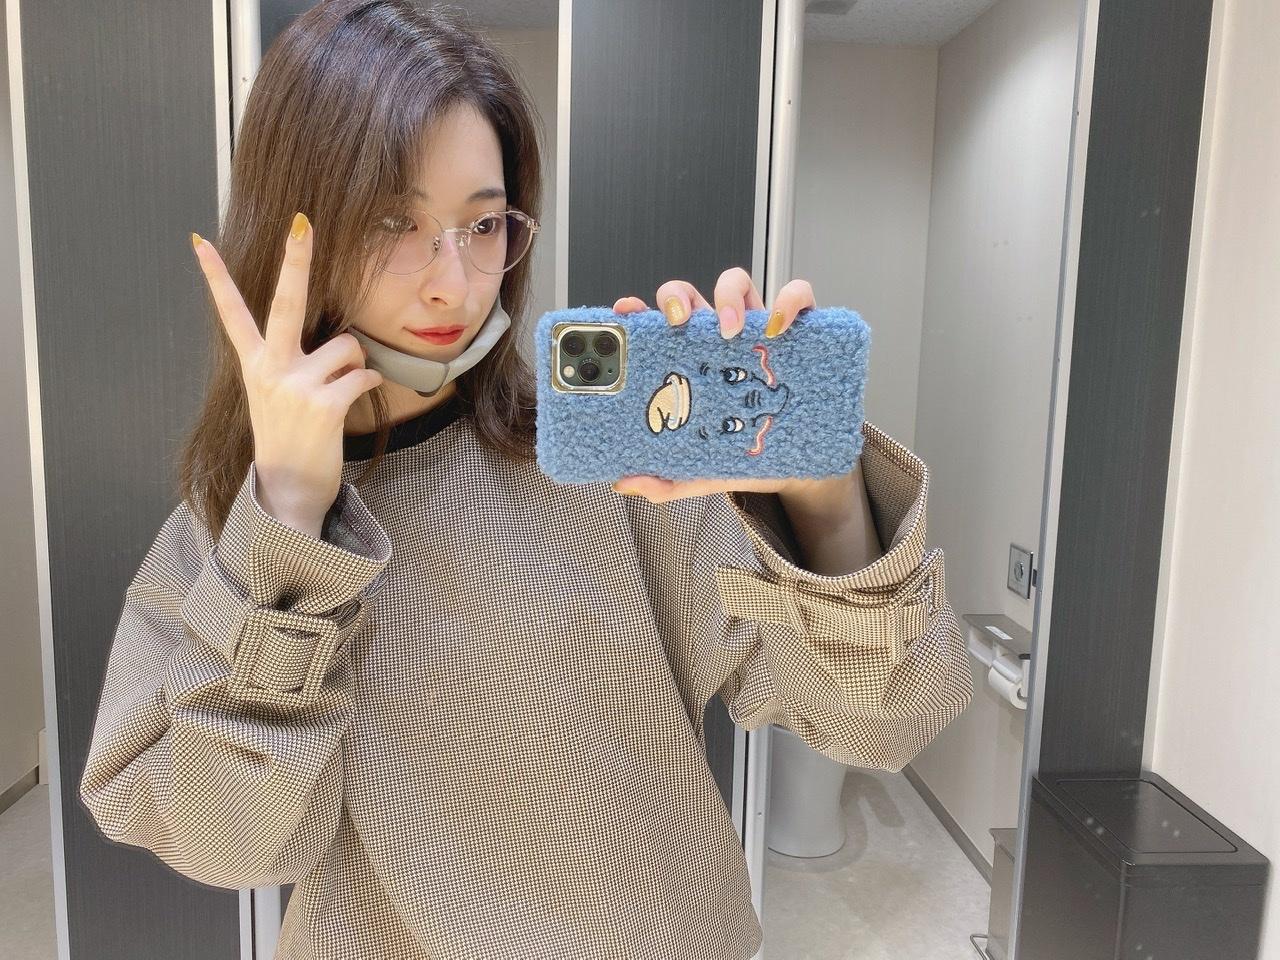 リップも服もiPhoneケースも可愛いから見てほしい。_1_1